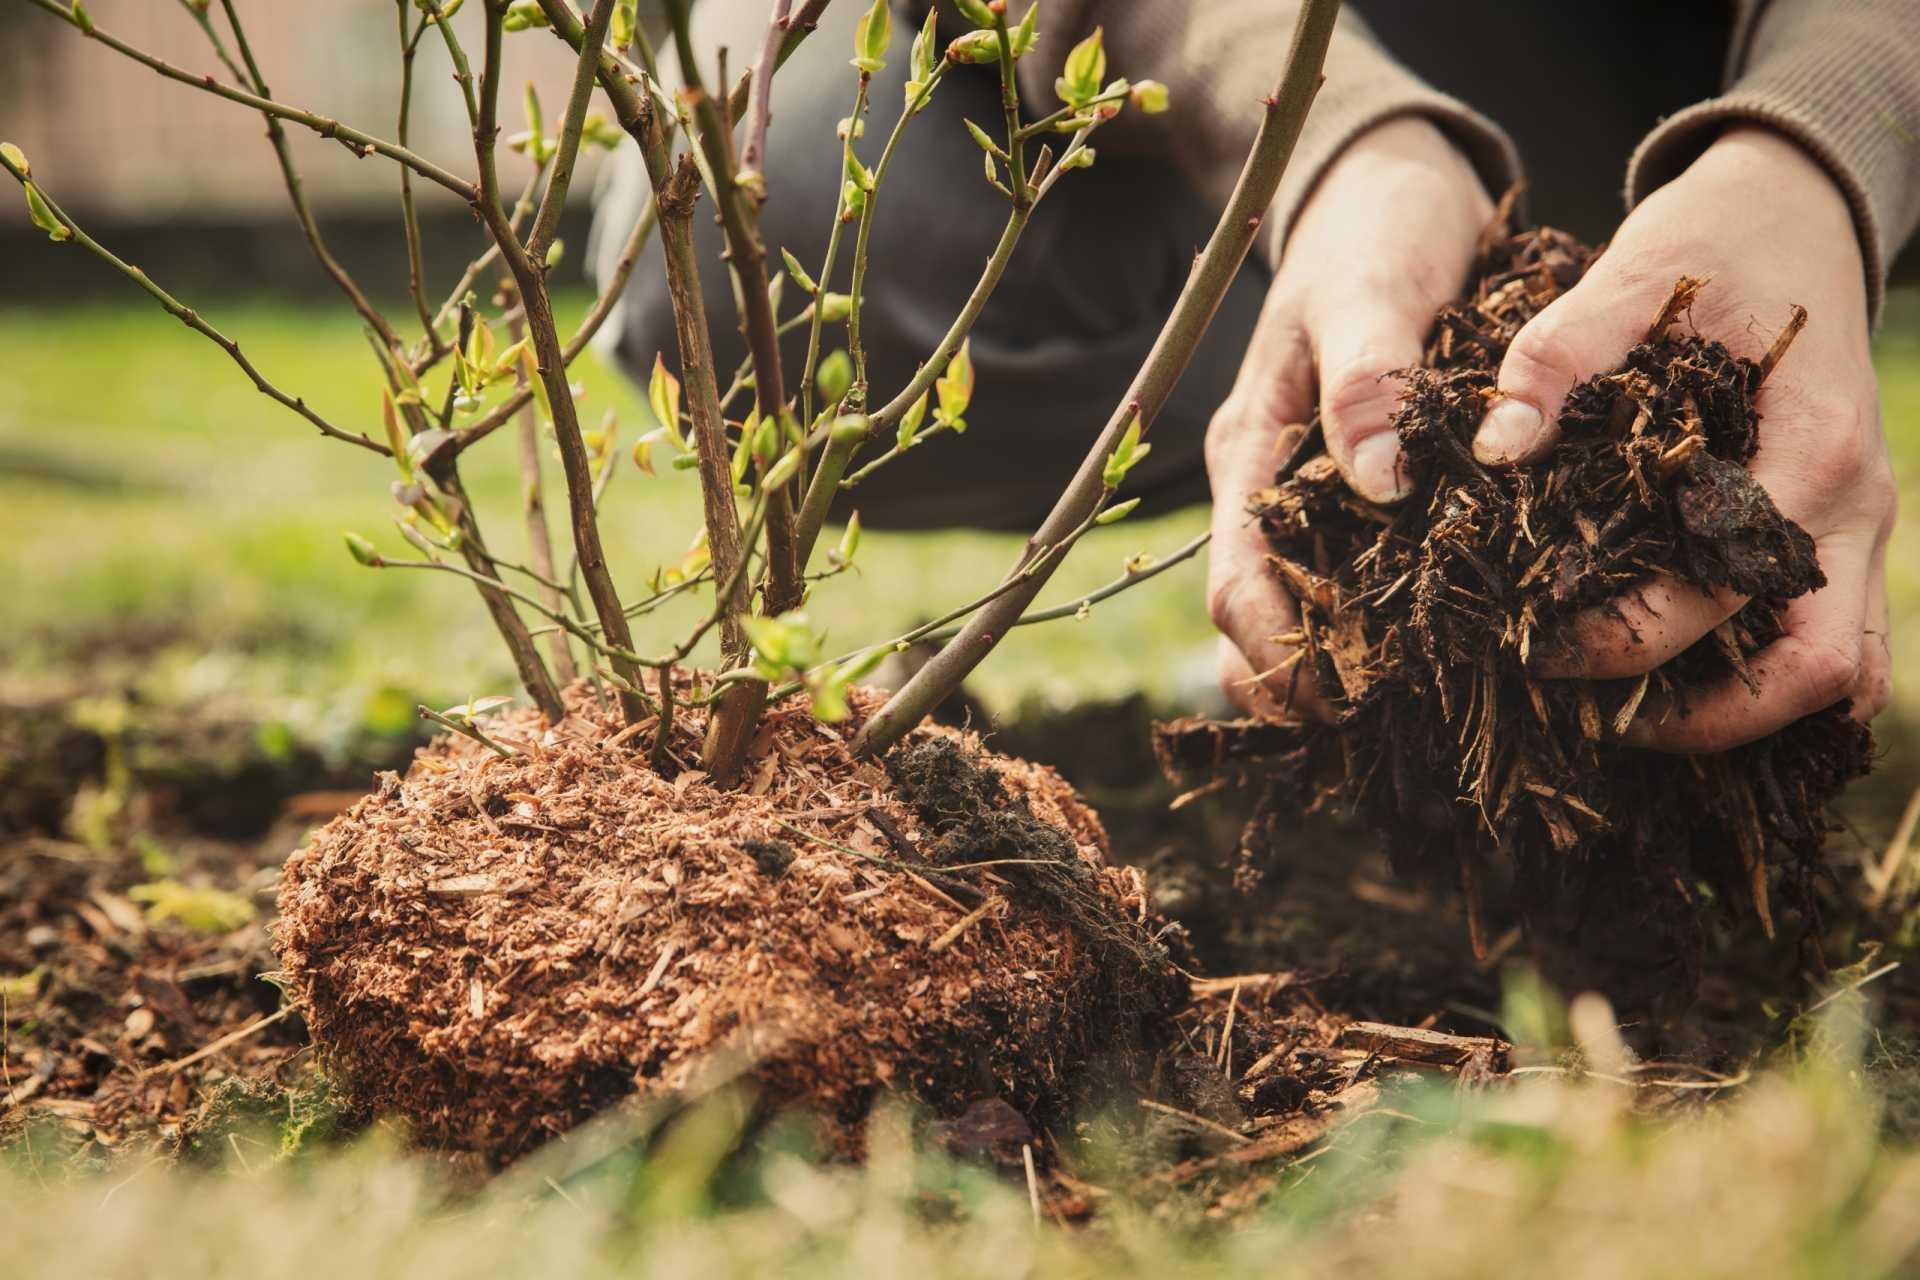 Heckenpflanzen einpflanzen: Schritt für Schritt einpflanzen